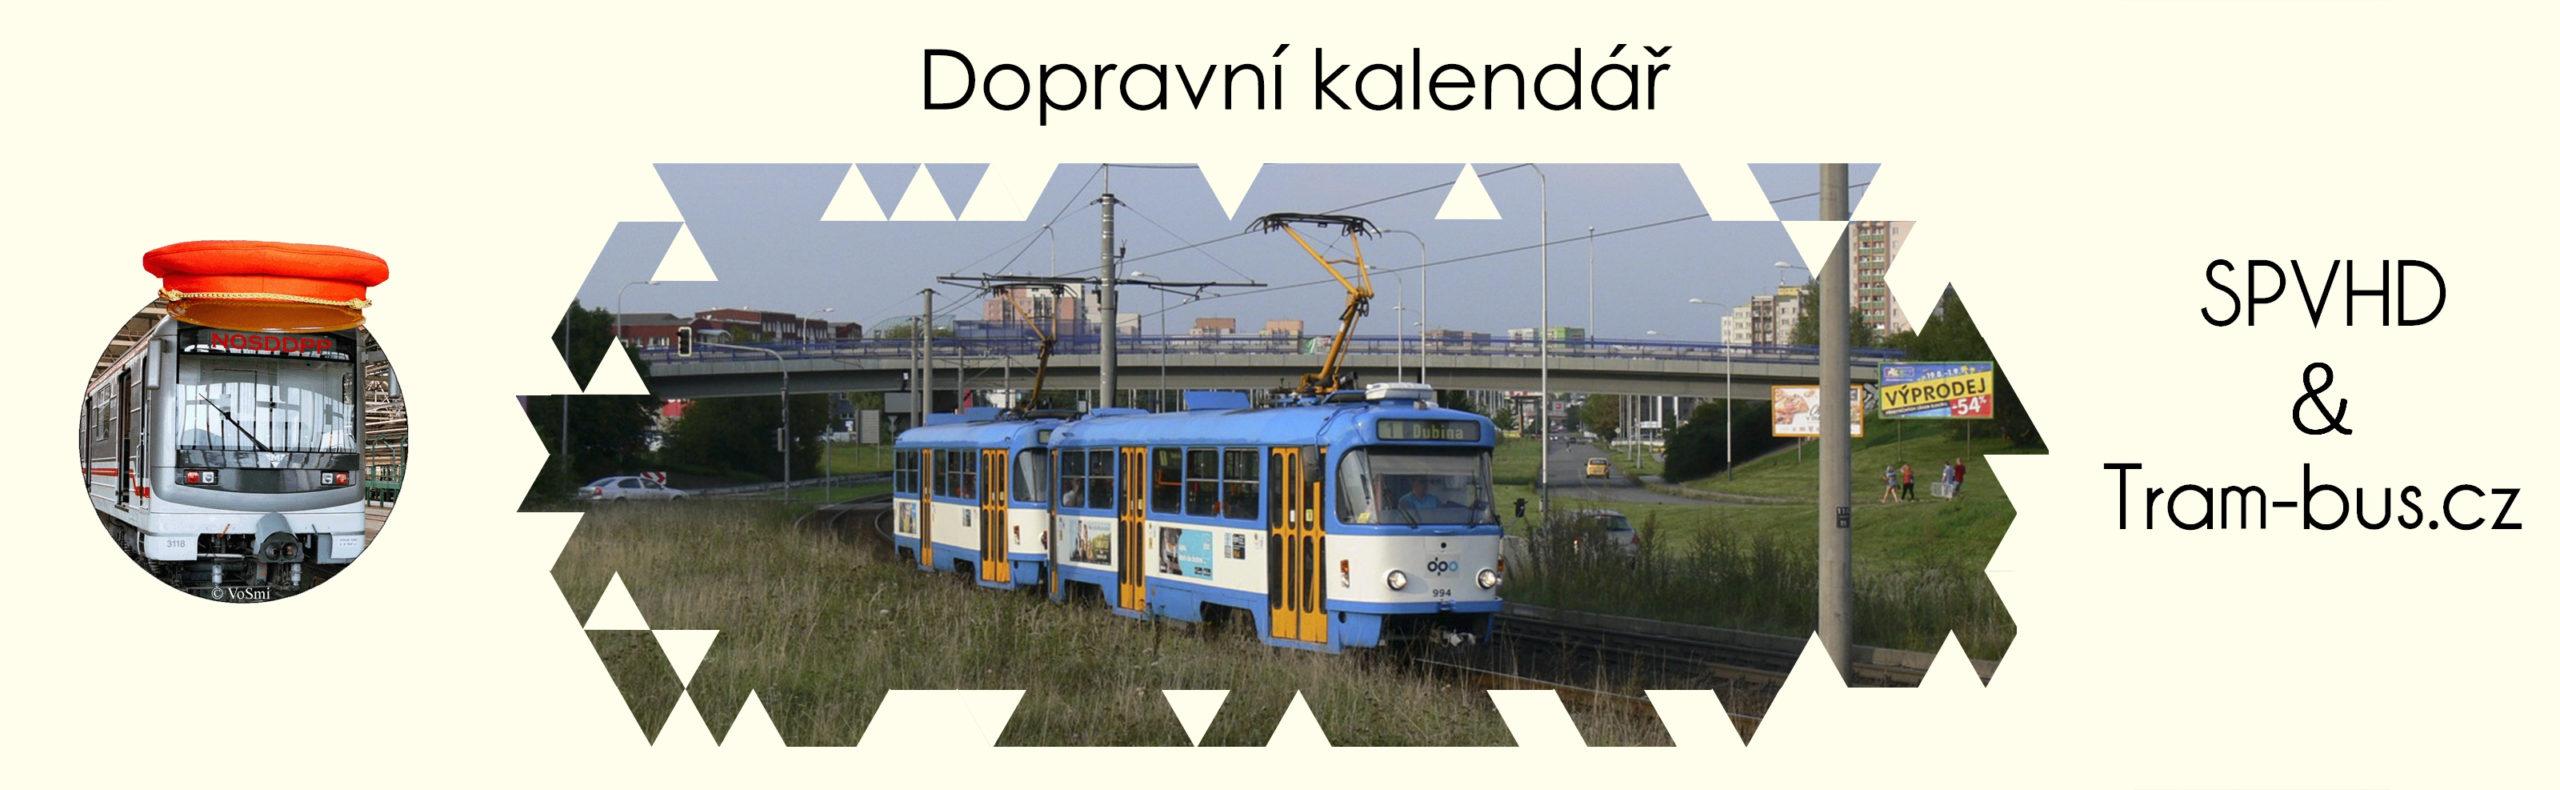 Dopravní kalendář 2021 - předobjednávky